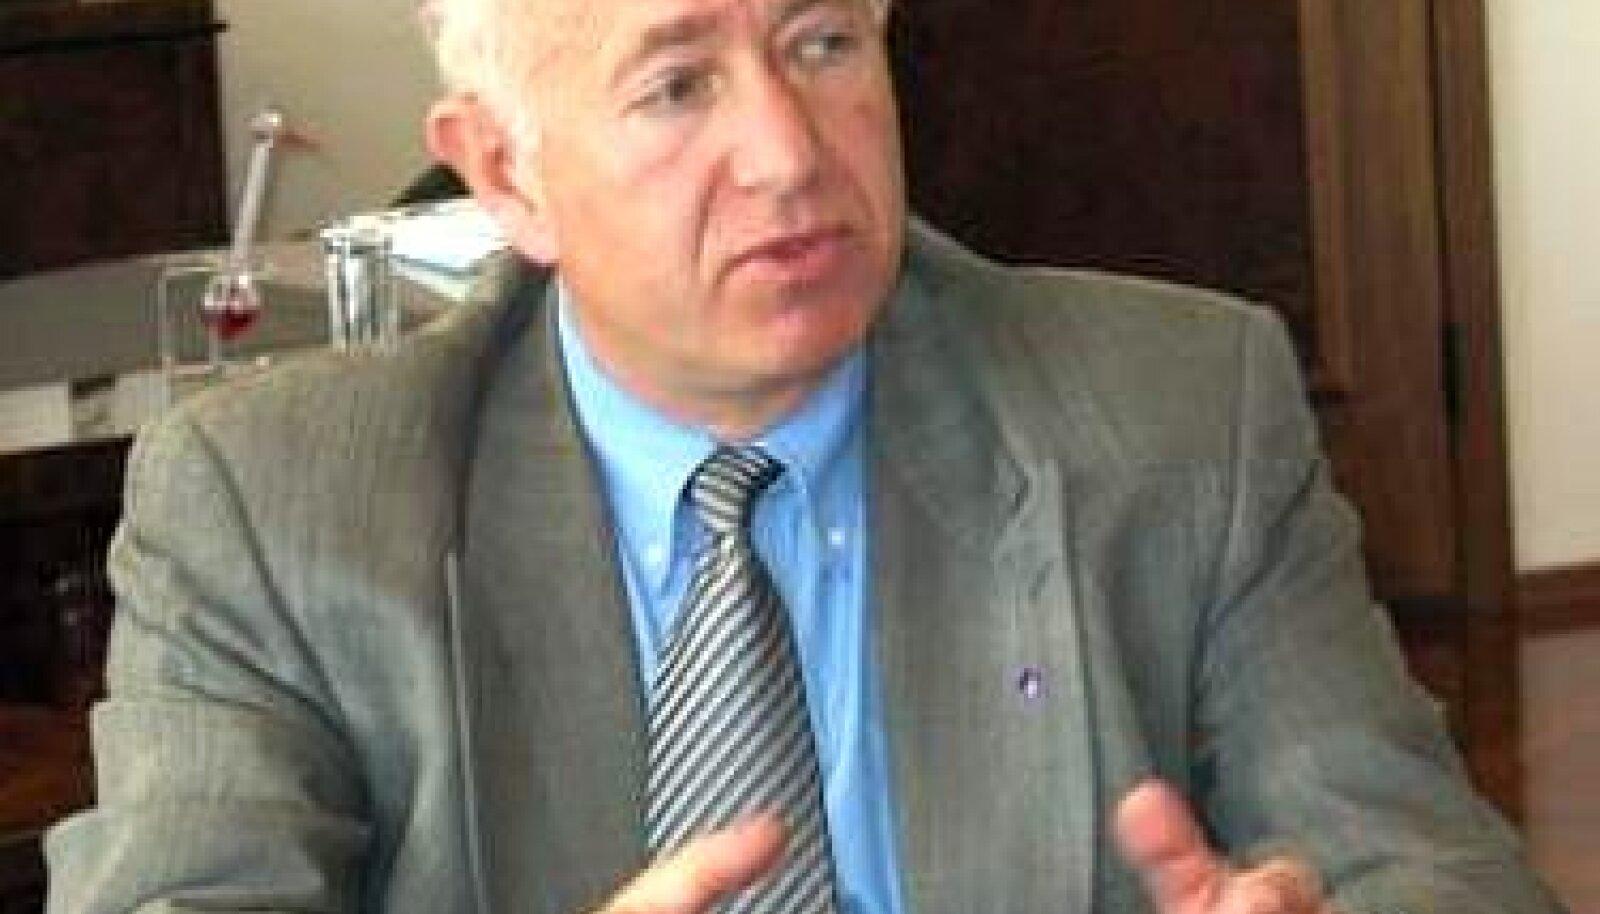 Fjodor Berman